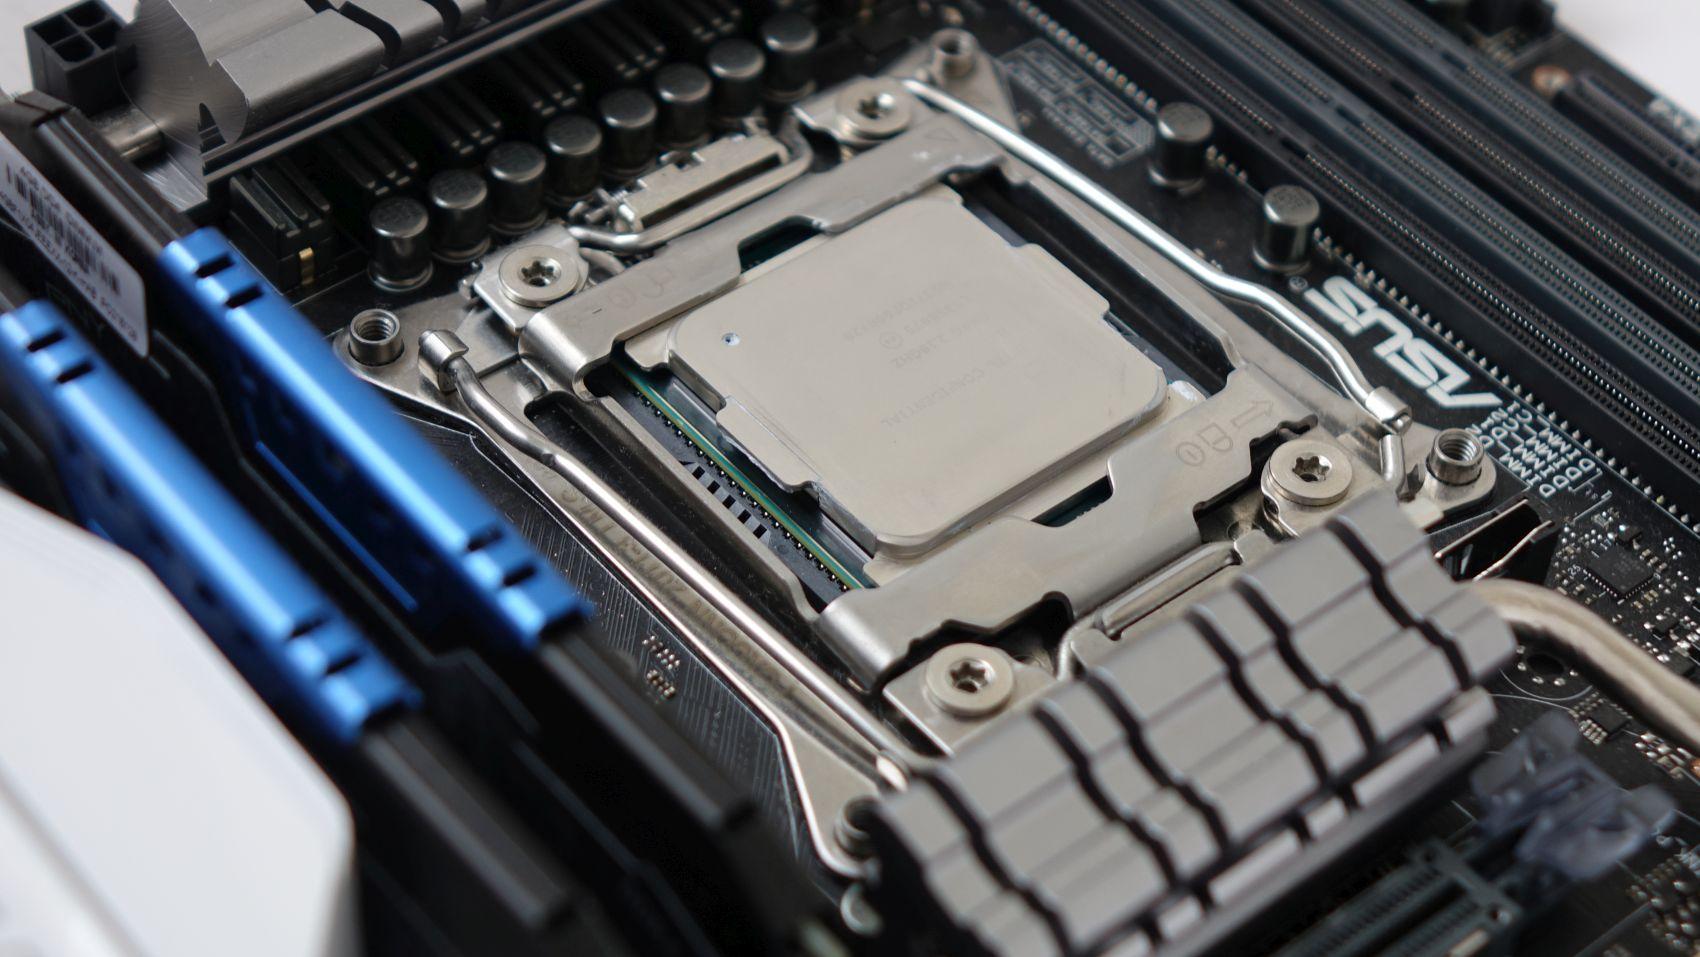 Intel Xeon E5-2620 v4 on board